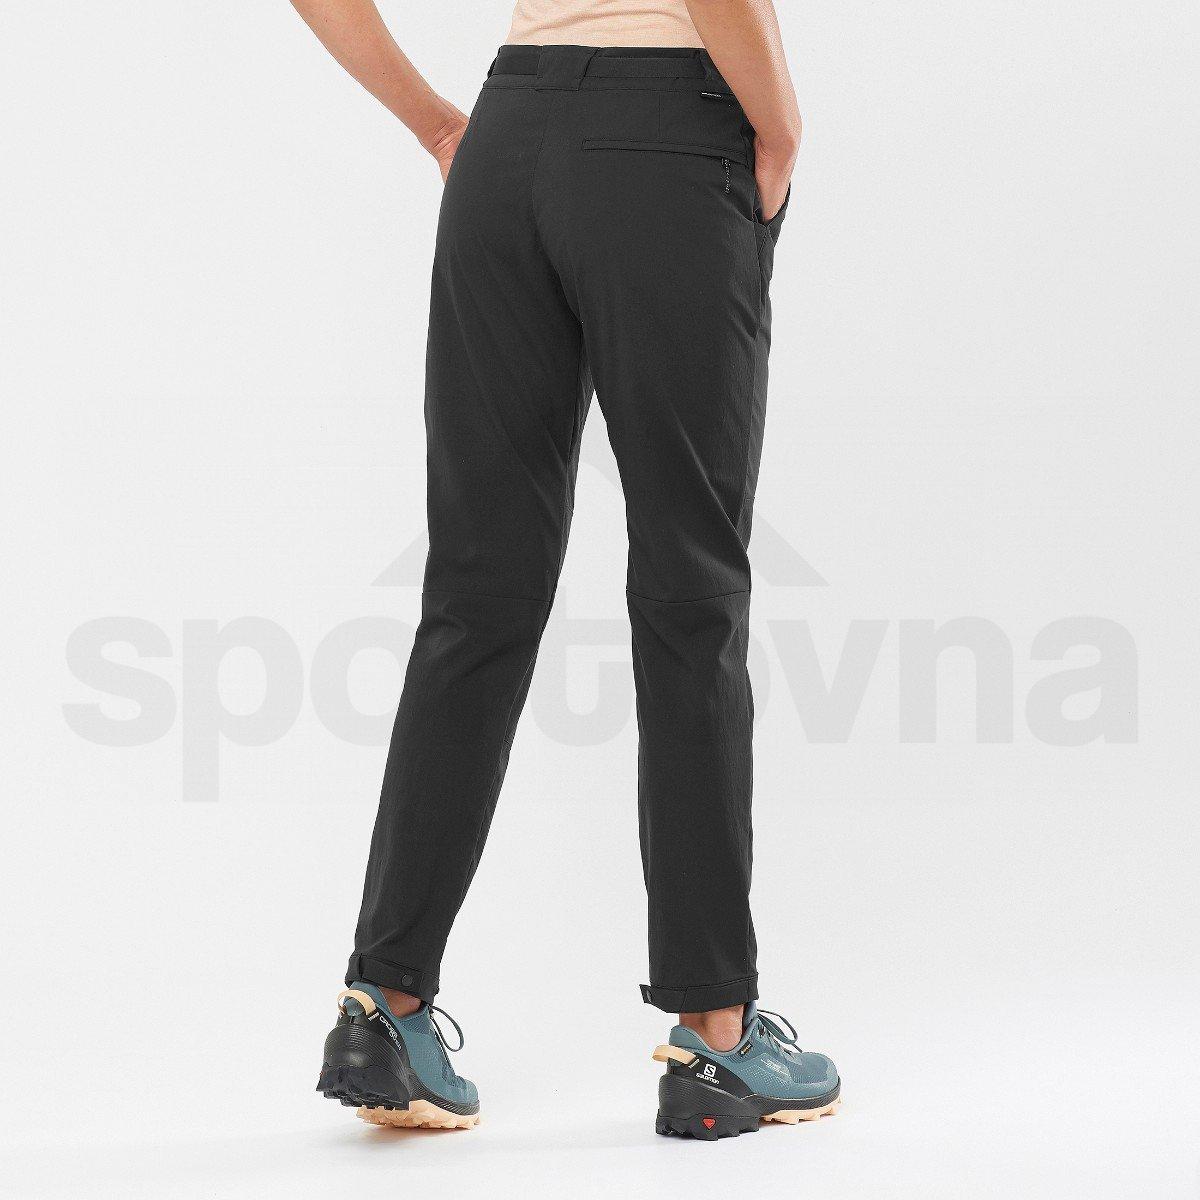 Kalhoty Salomon OUTRACK PANT W - černá